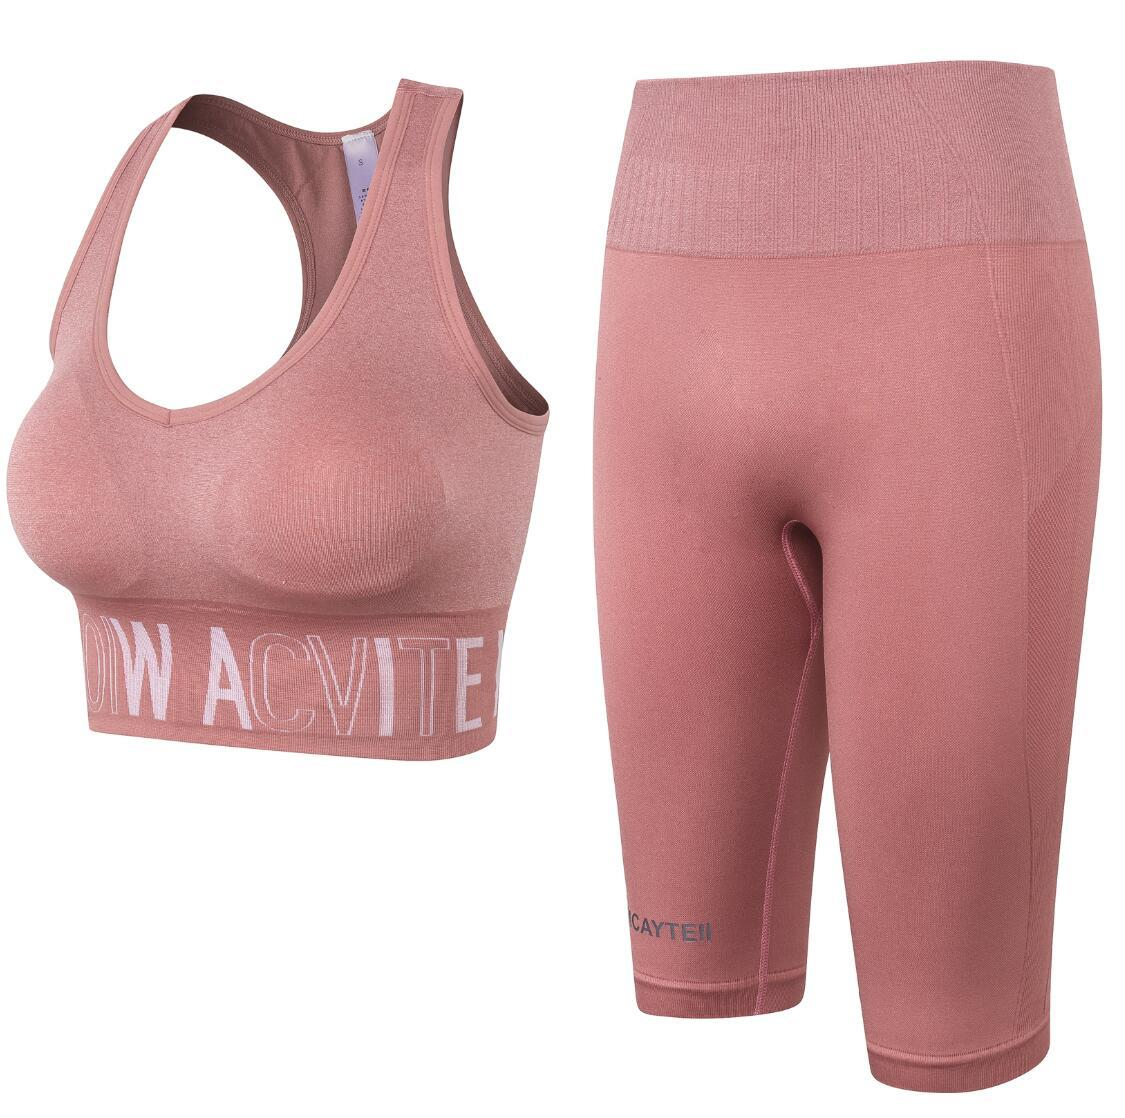 Las mujeres sujetador deportivo aptitud del entrenamiento de los pantalones de entrenamiento lu ropa de gimnasia yoga polainas pantalón corto deportivo Ropa deportiva Trajes de Yoga Set